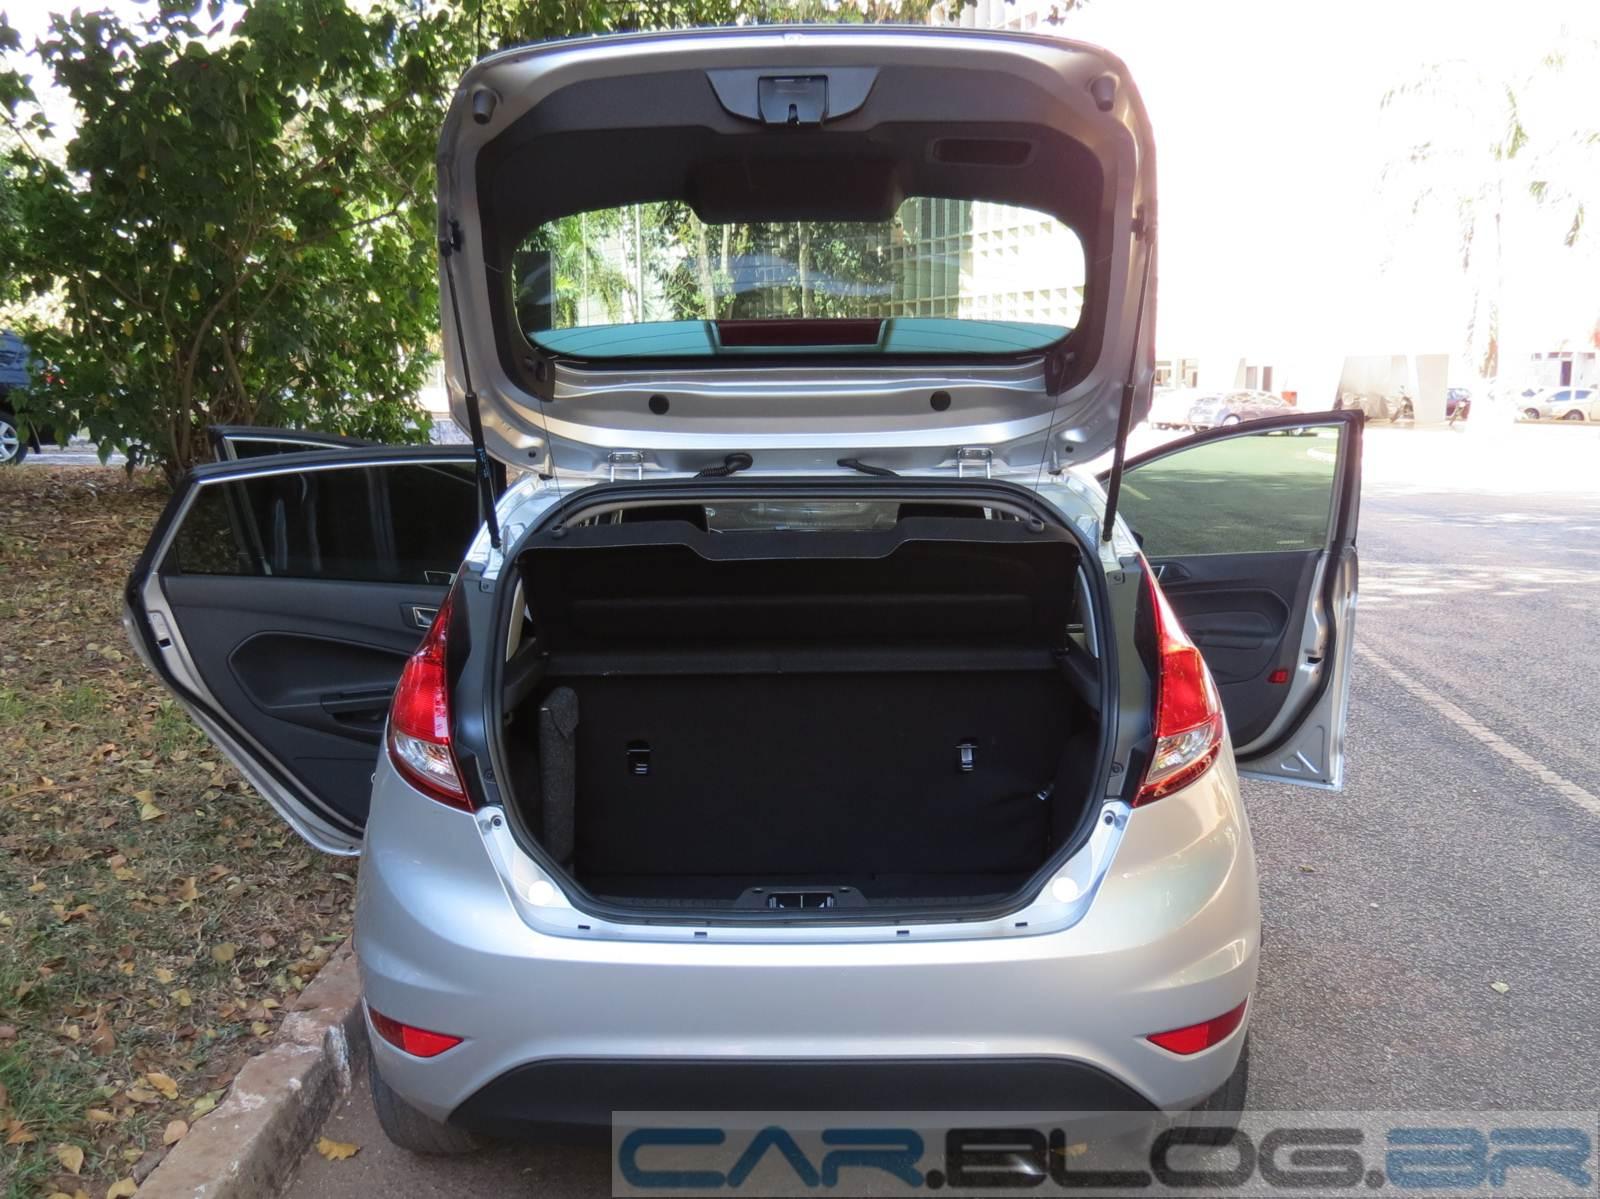 Carros Ford Fiesta 2014 Ford Fiesta Hatch 2014 se